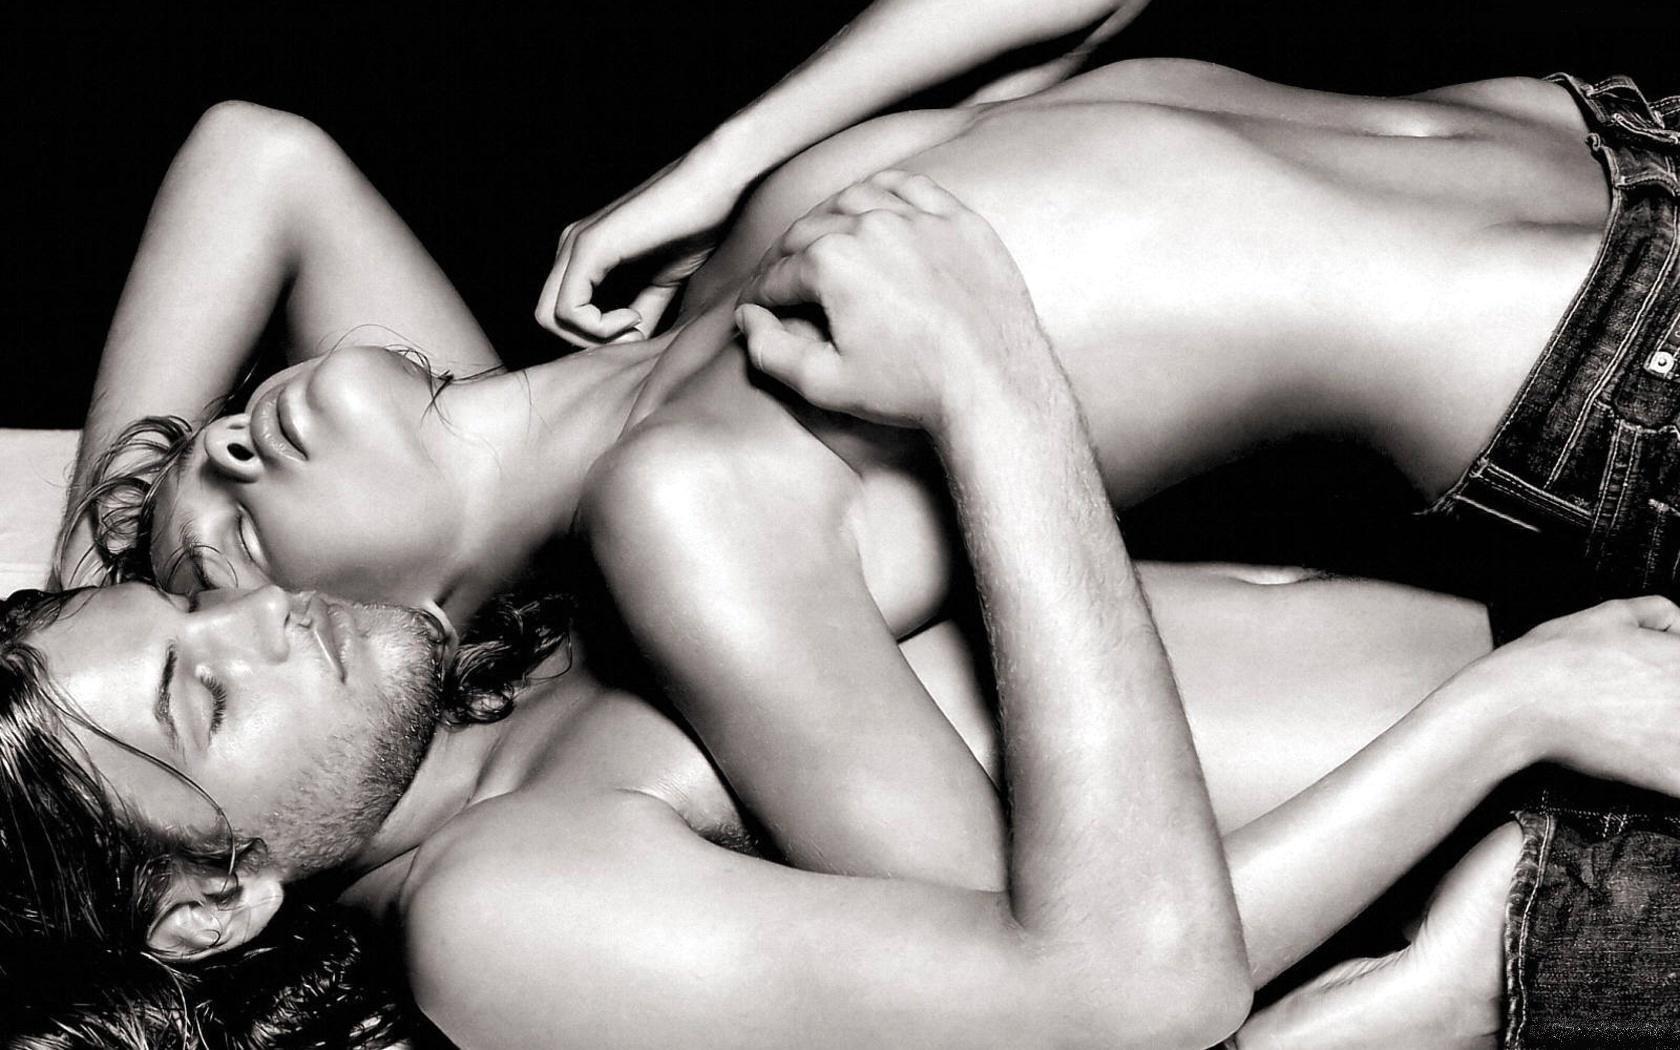 красивые картинки мужчины и женщины эротические